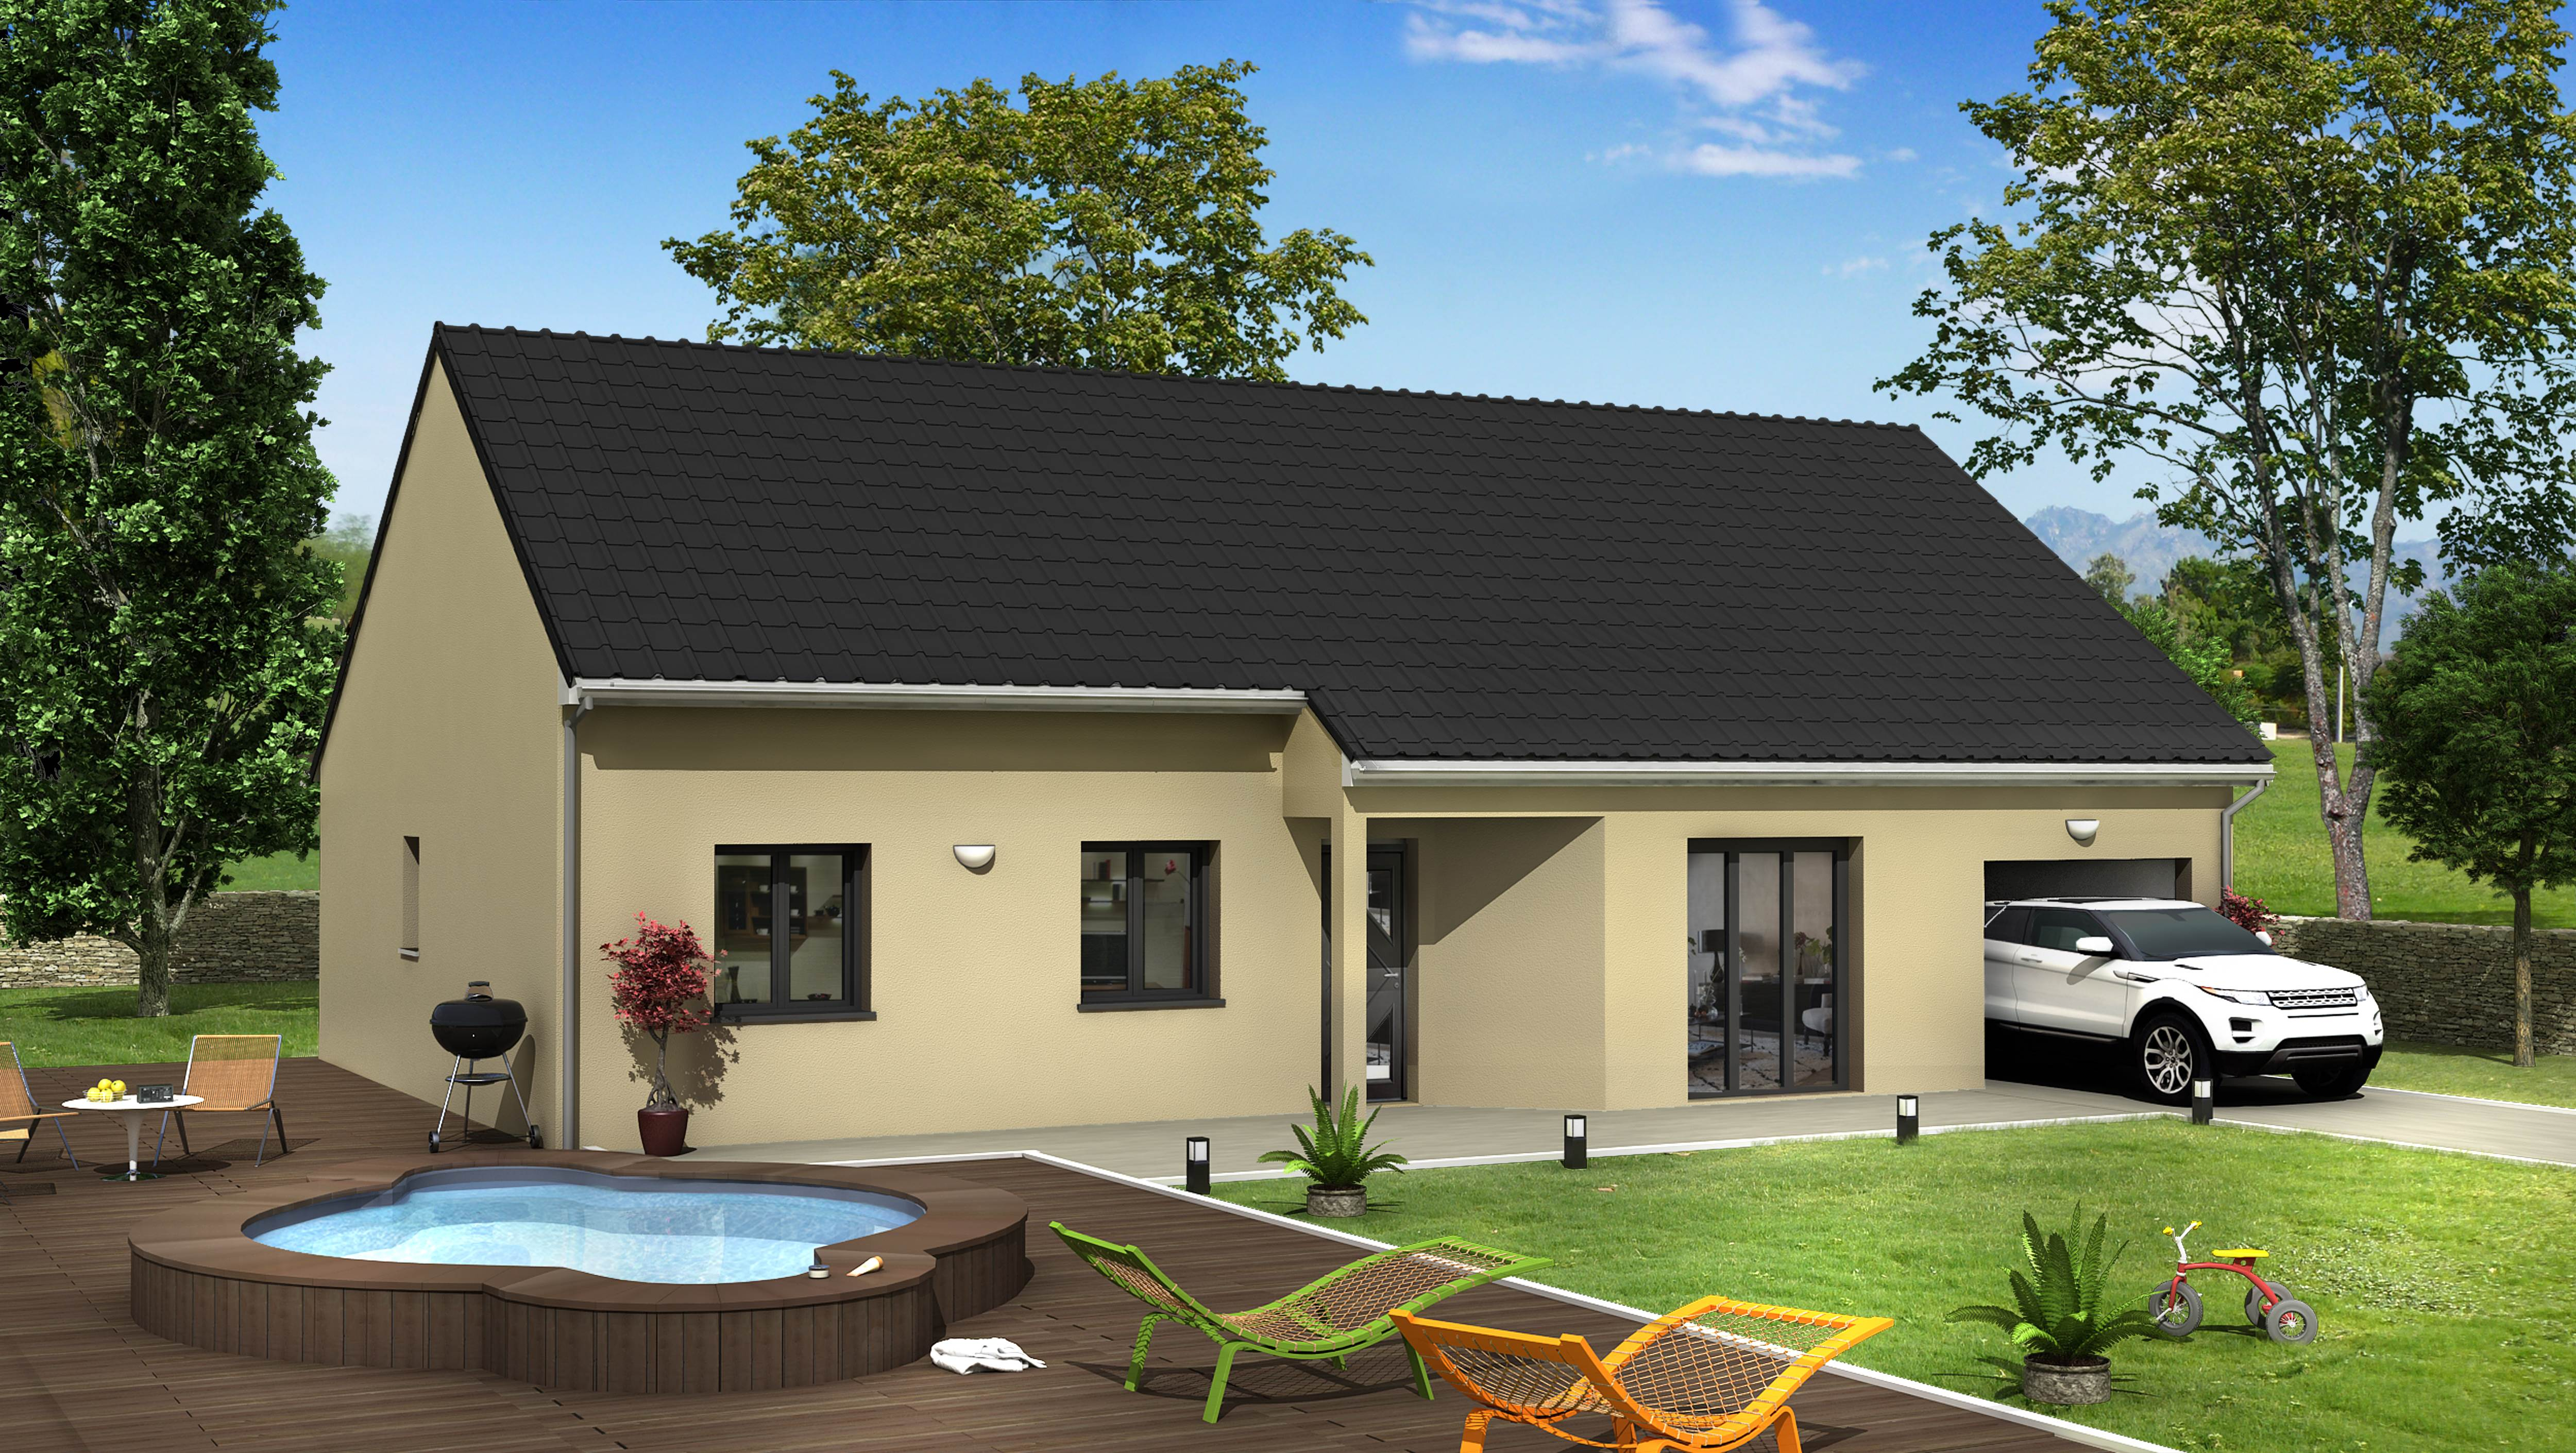 villas club reims maison 6 pi ce s 103 m mourmelon le. Black Bedroom Furniture Sets. Home Design Ideas